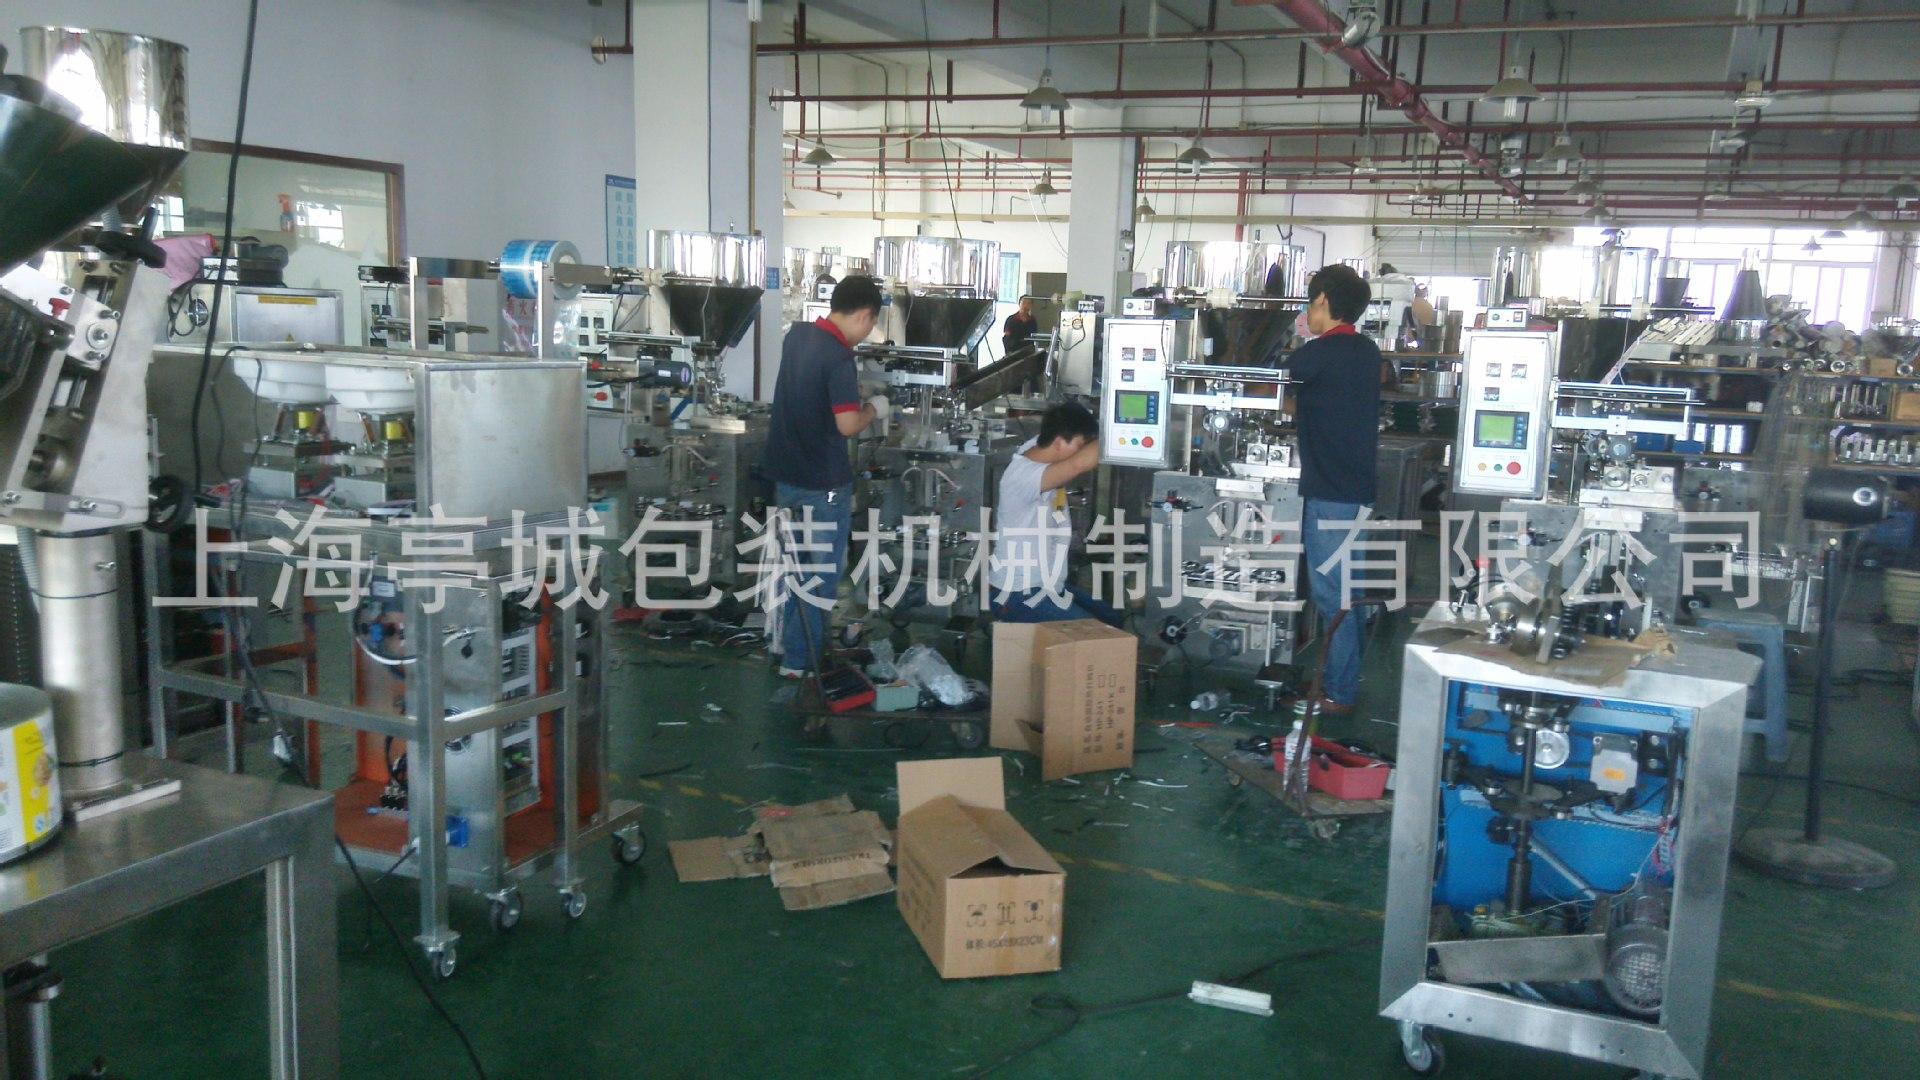 厂家供应全自动超声波无纺布粉剂包装机 颗粒无纺布超声波包装机示例图11